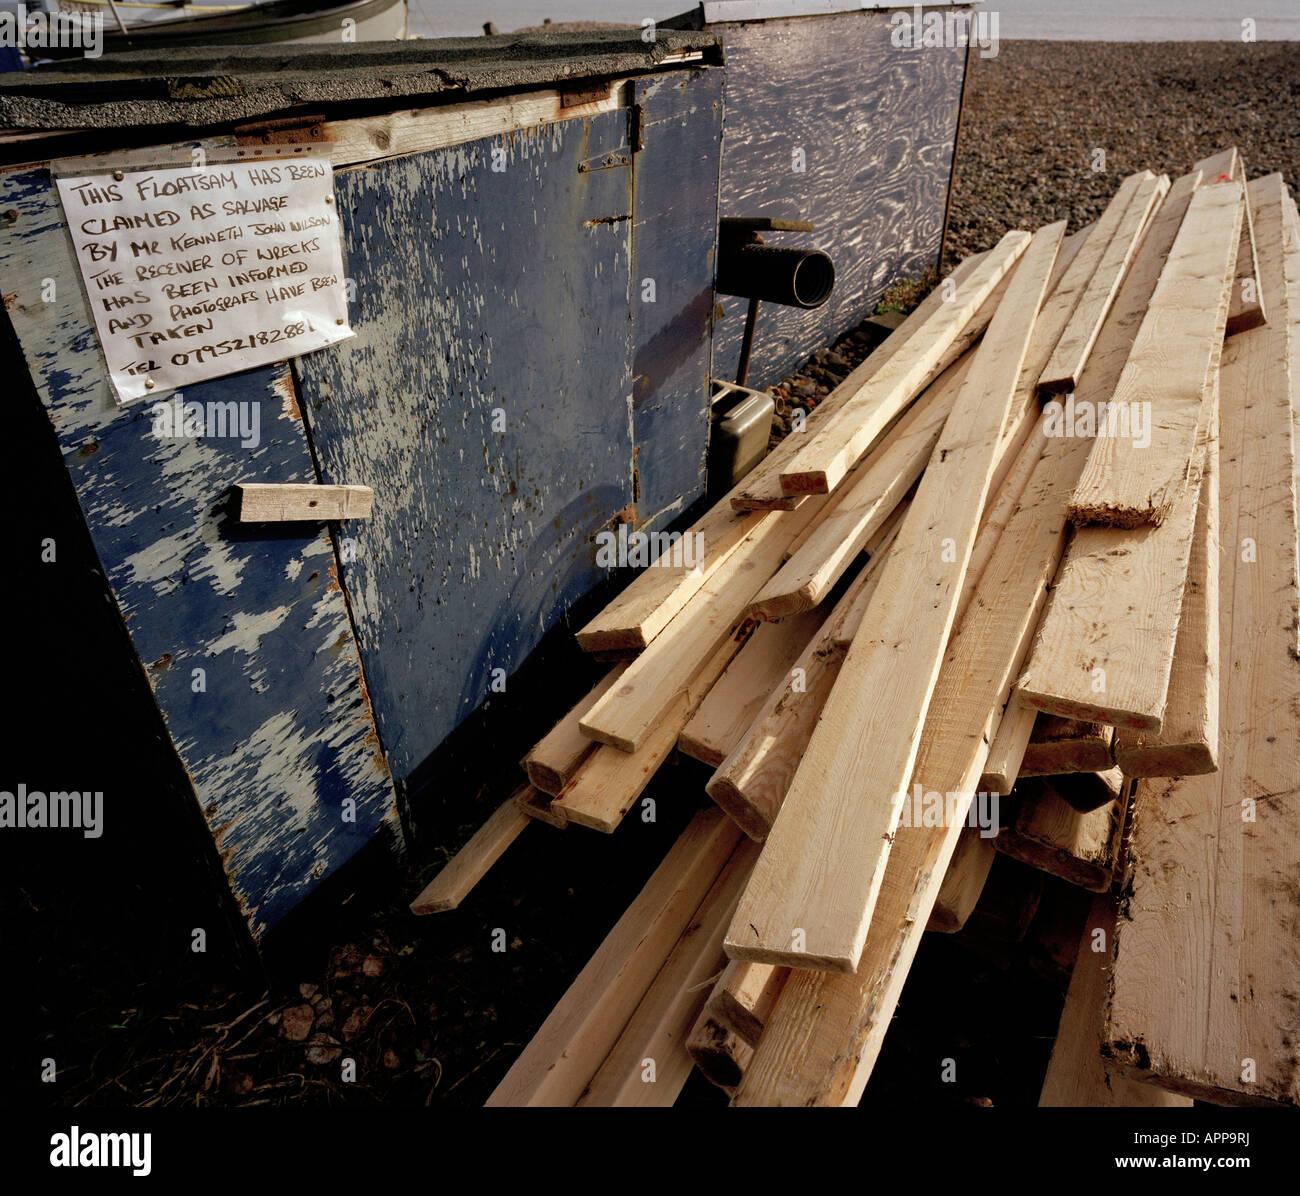 Salvage Timber Imágenes De Stock & Salvage Timber Fotos De Stock - Alamy